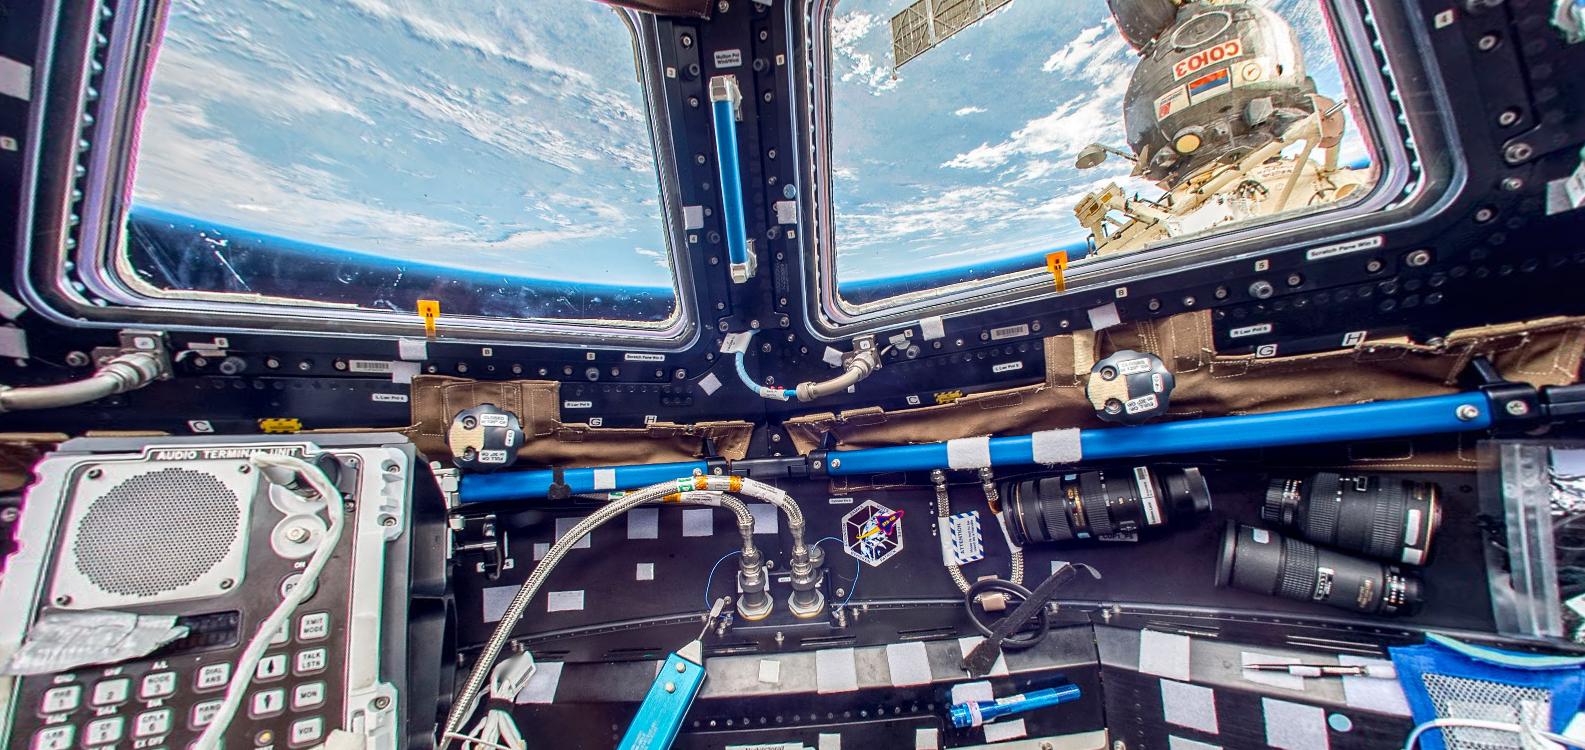 La estación espacial en formato Street View